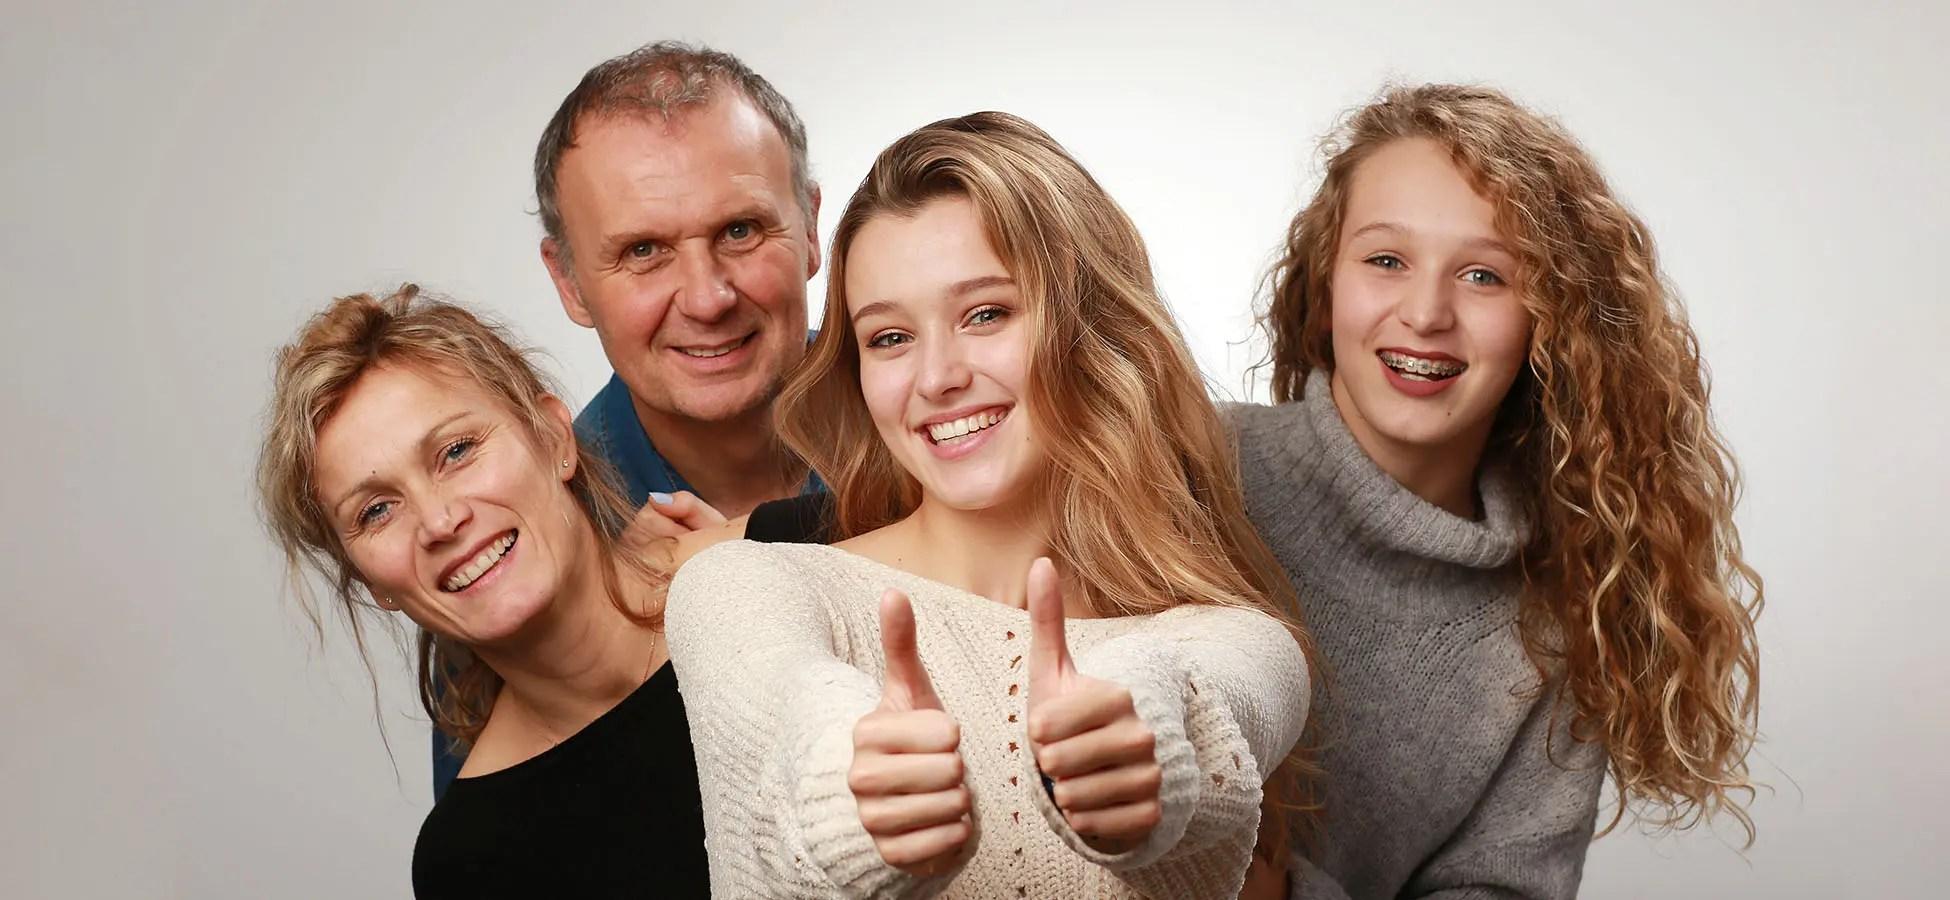 Photo de famille en Studio par l'Agence Urope à Grenoble